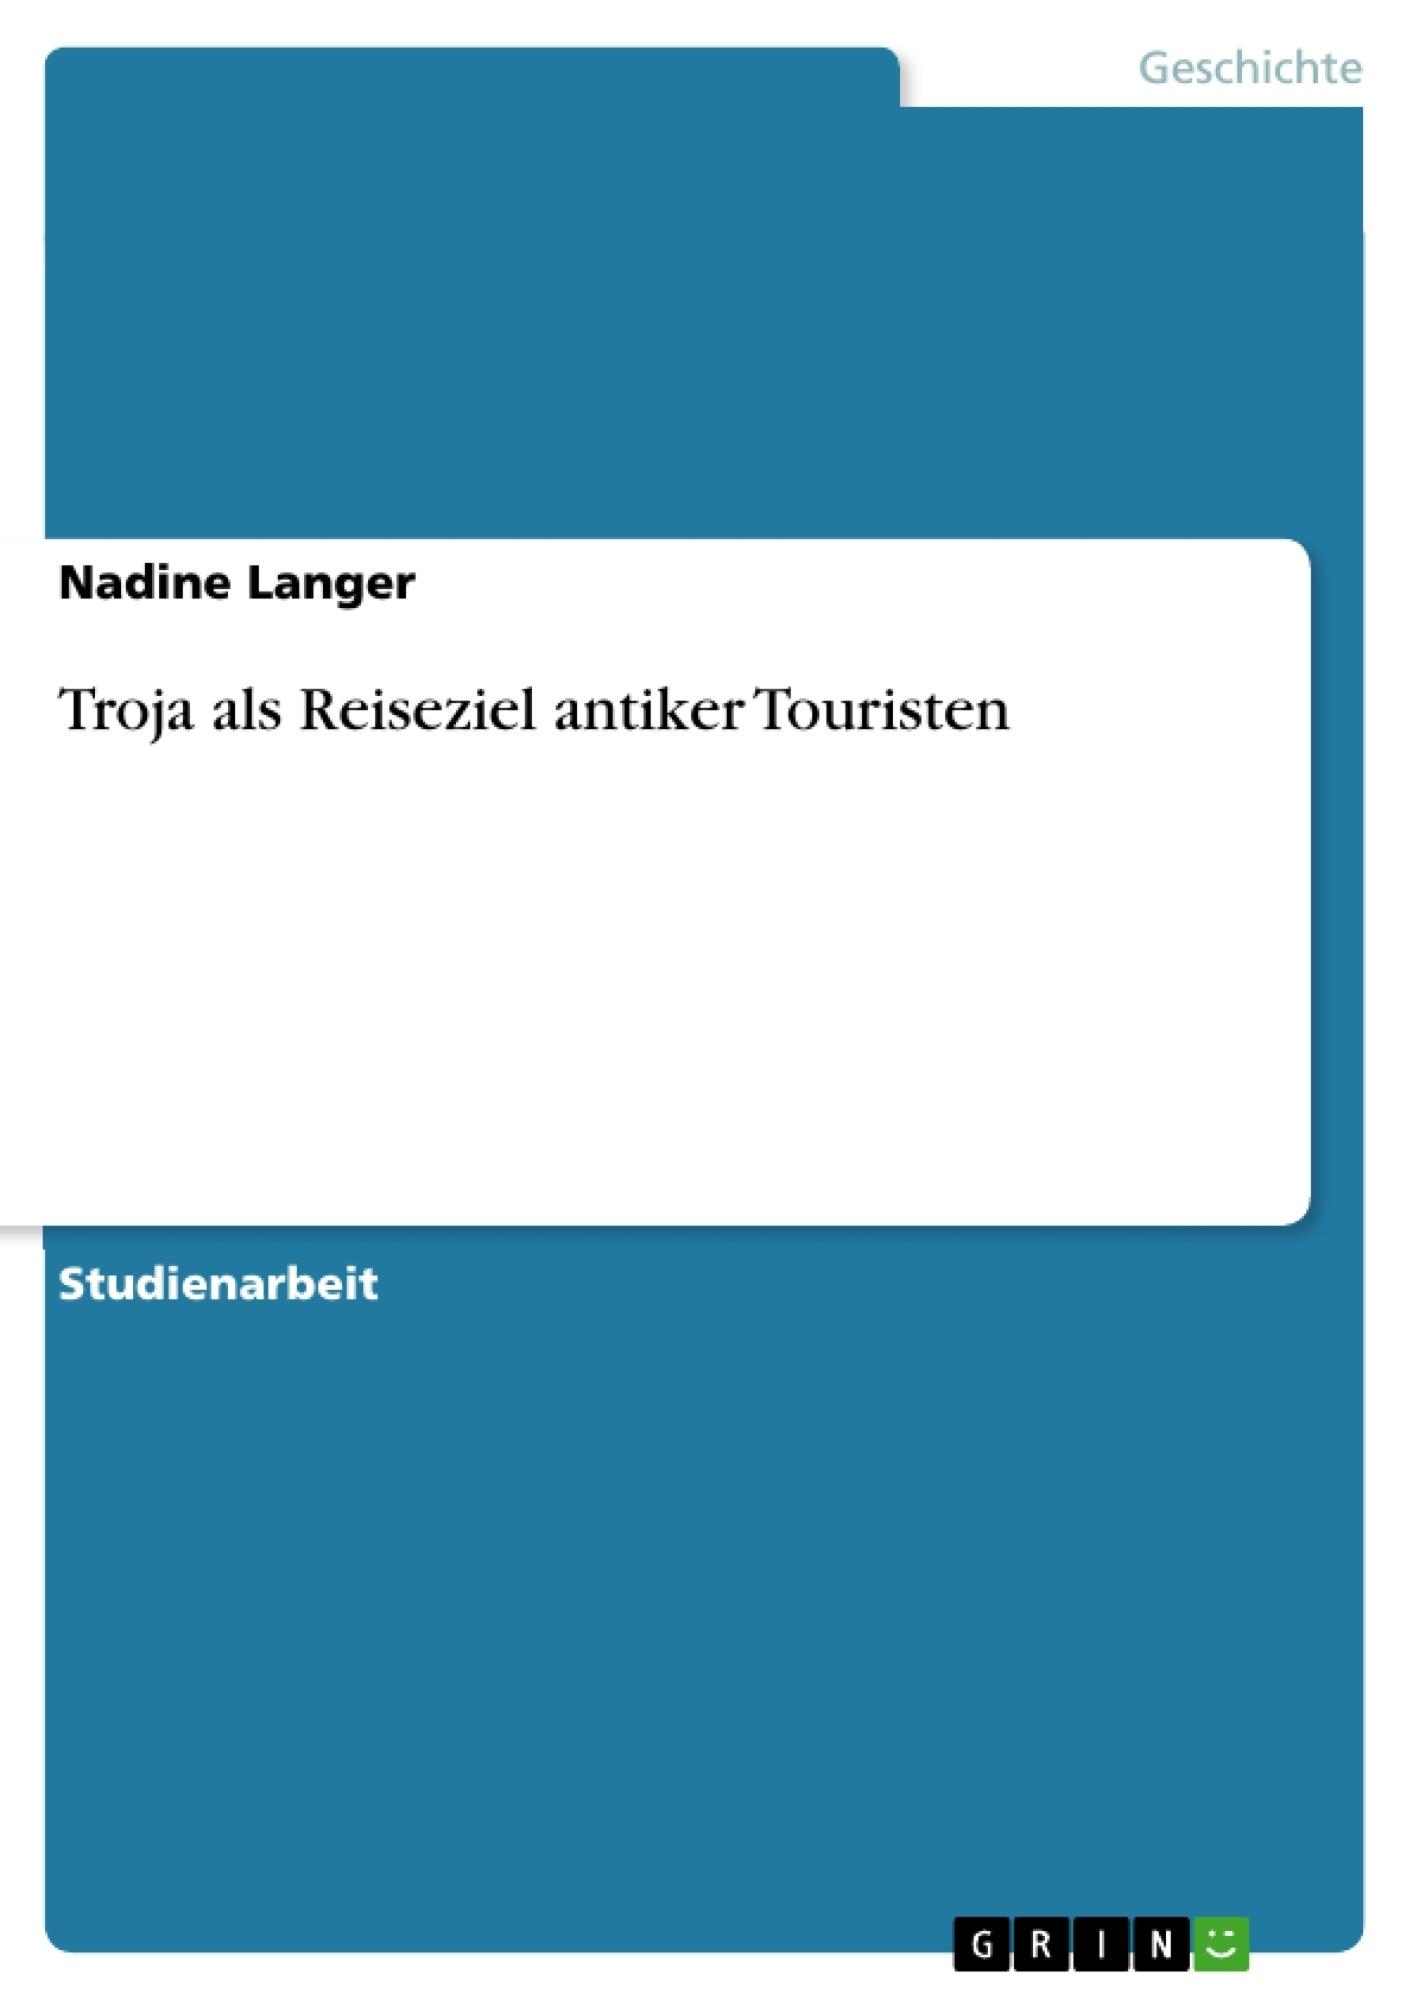 Titel: Troja als Reiseziel antiker Touristen